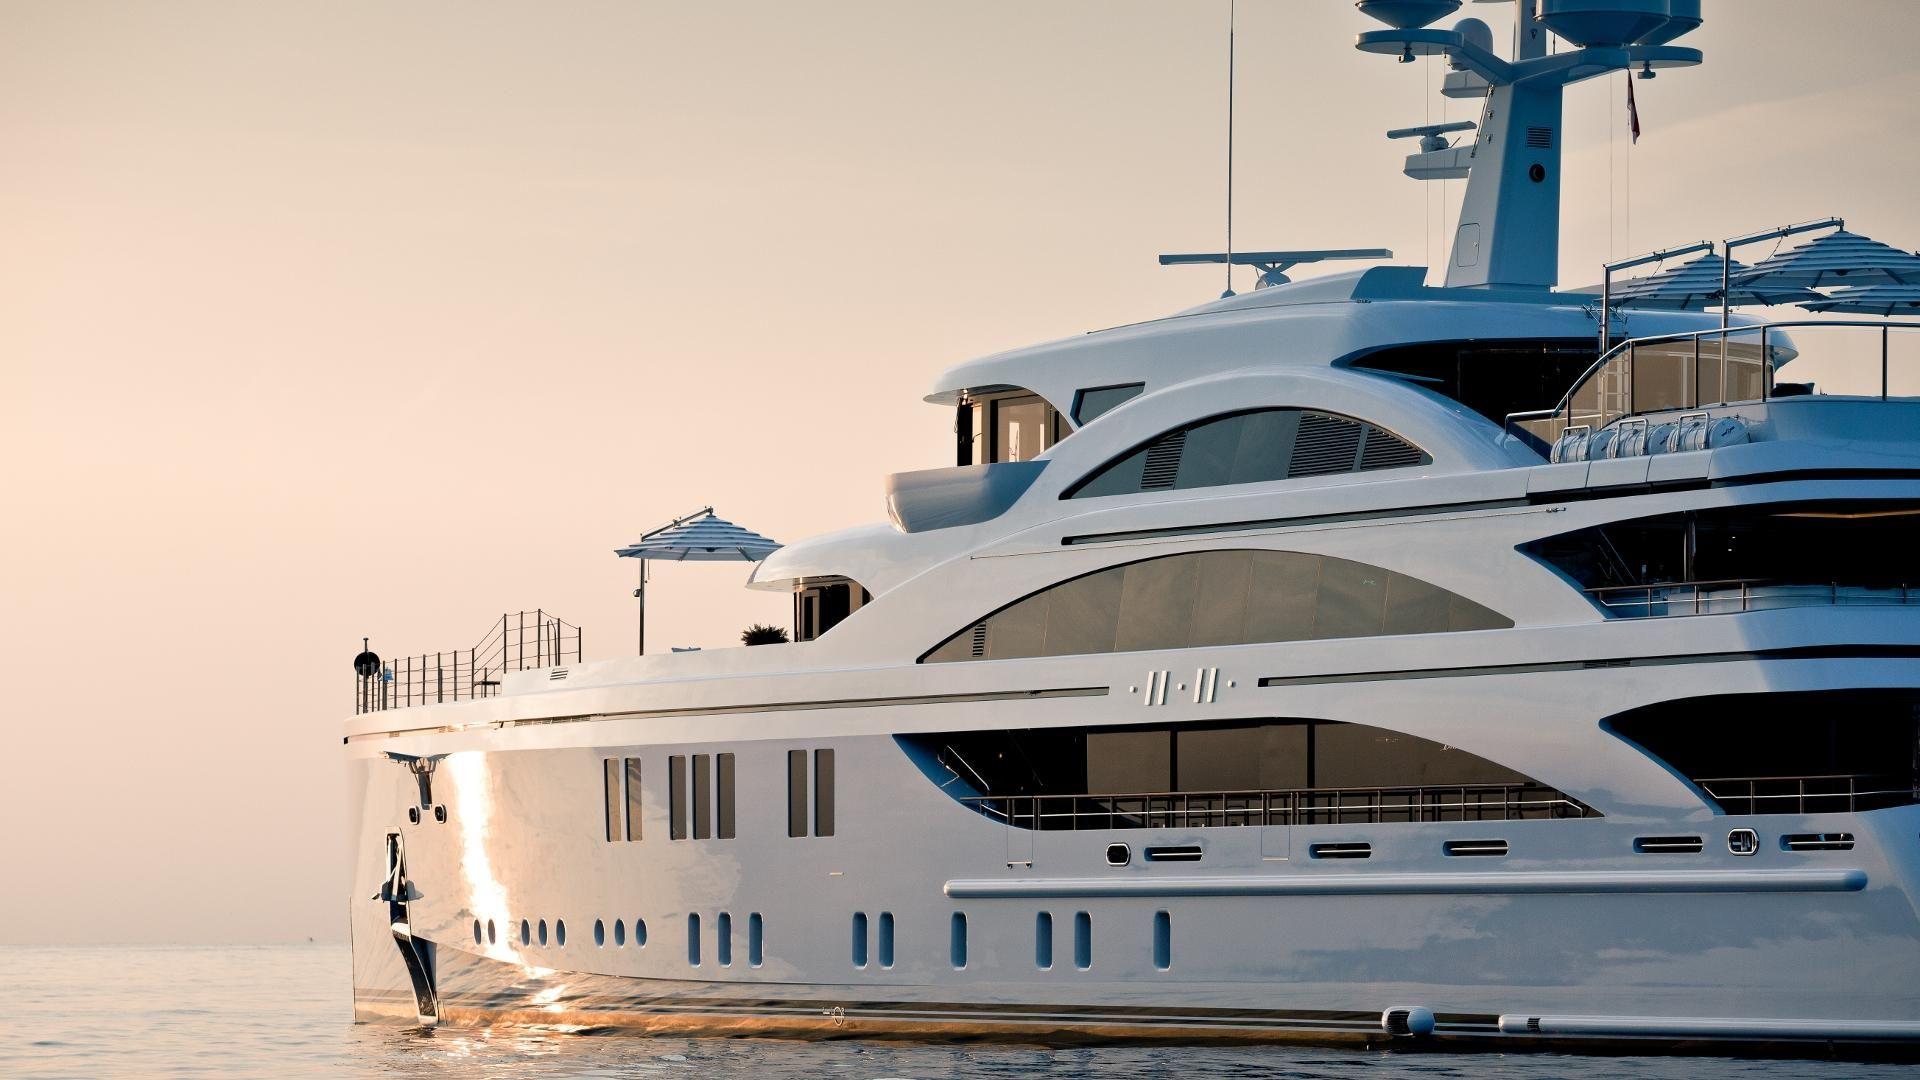 Peek Inside the $73M Benetti II∙II Superyacht